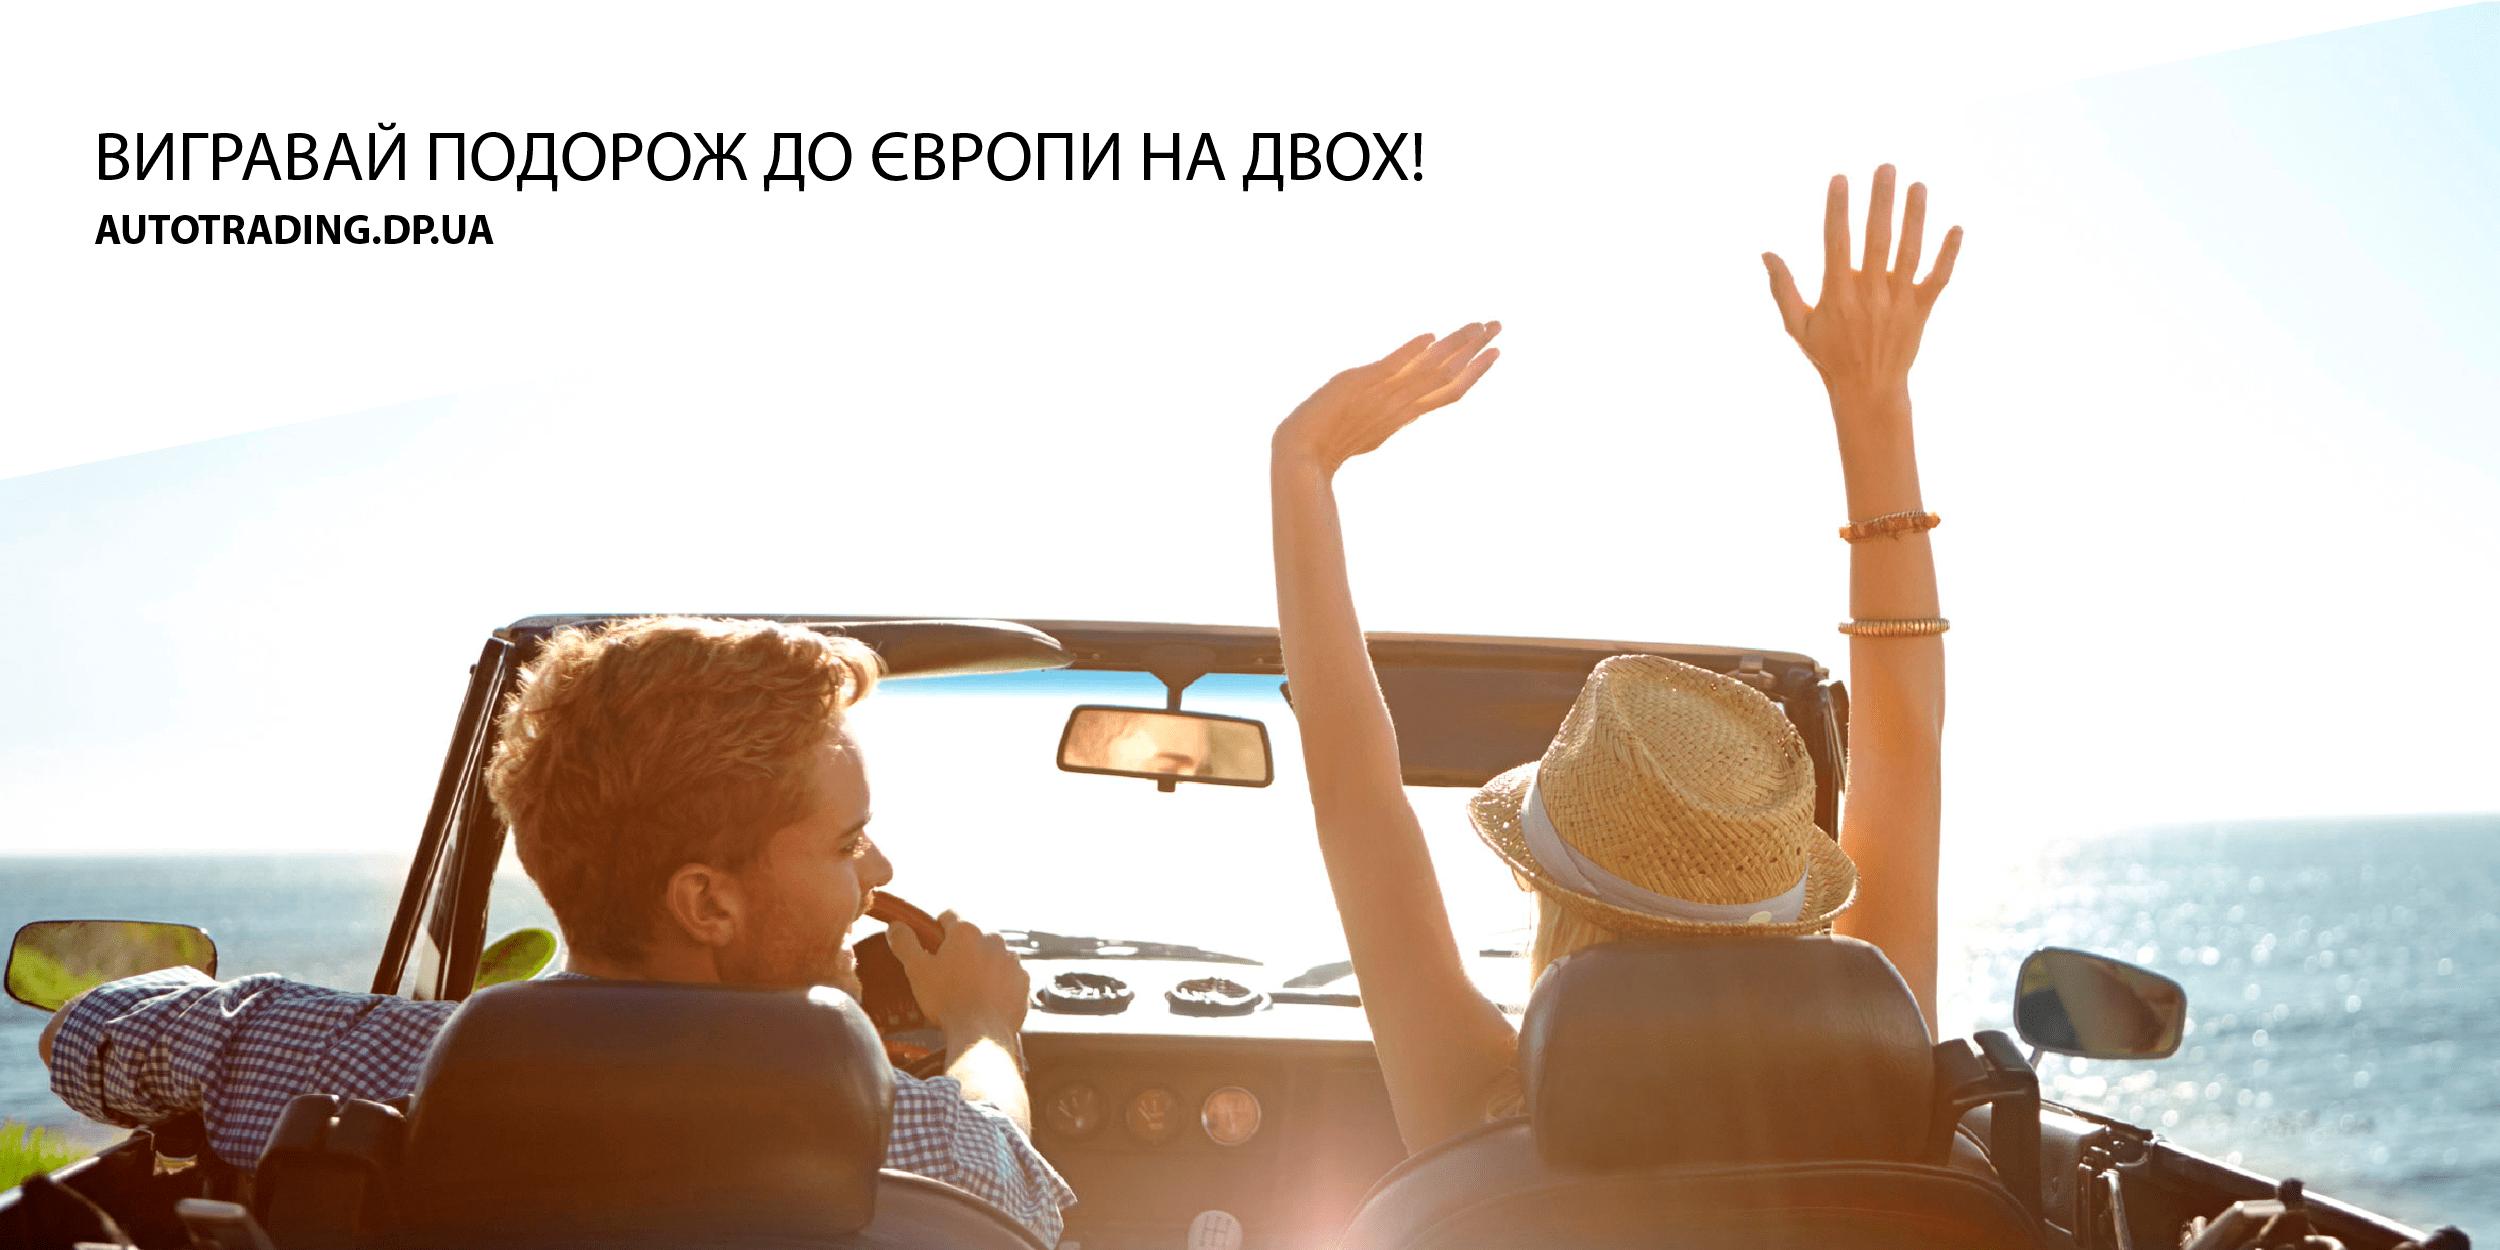 Автотрейдинг рядом с Вами 8 лет!